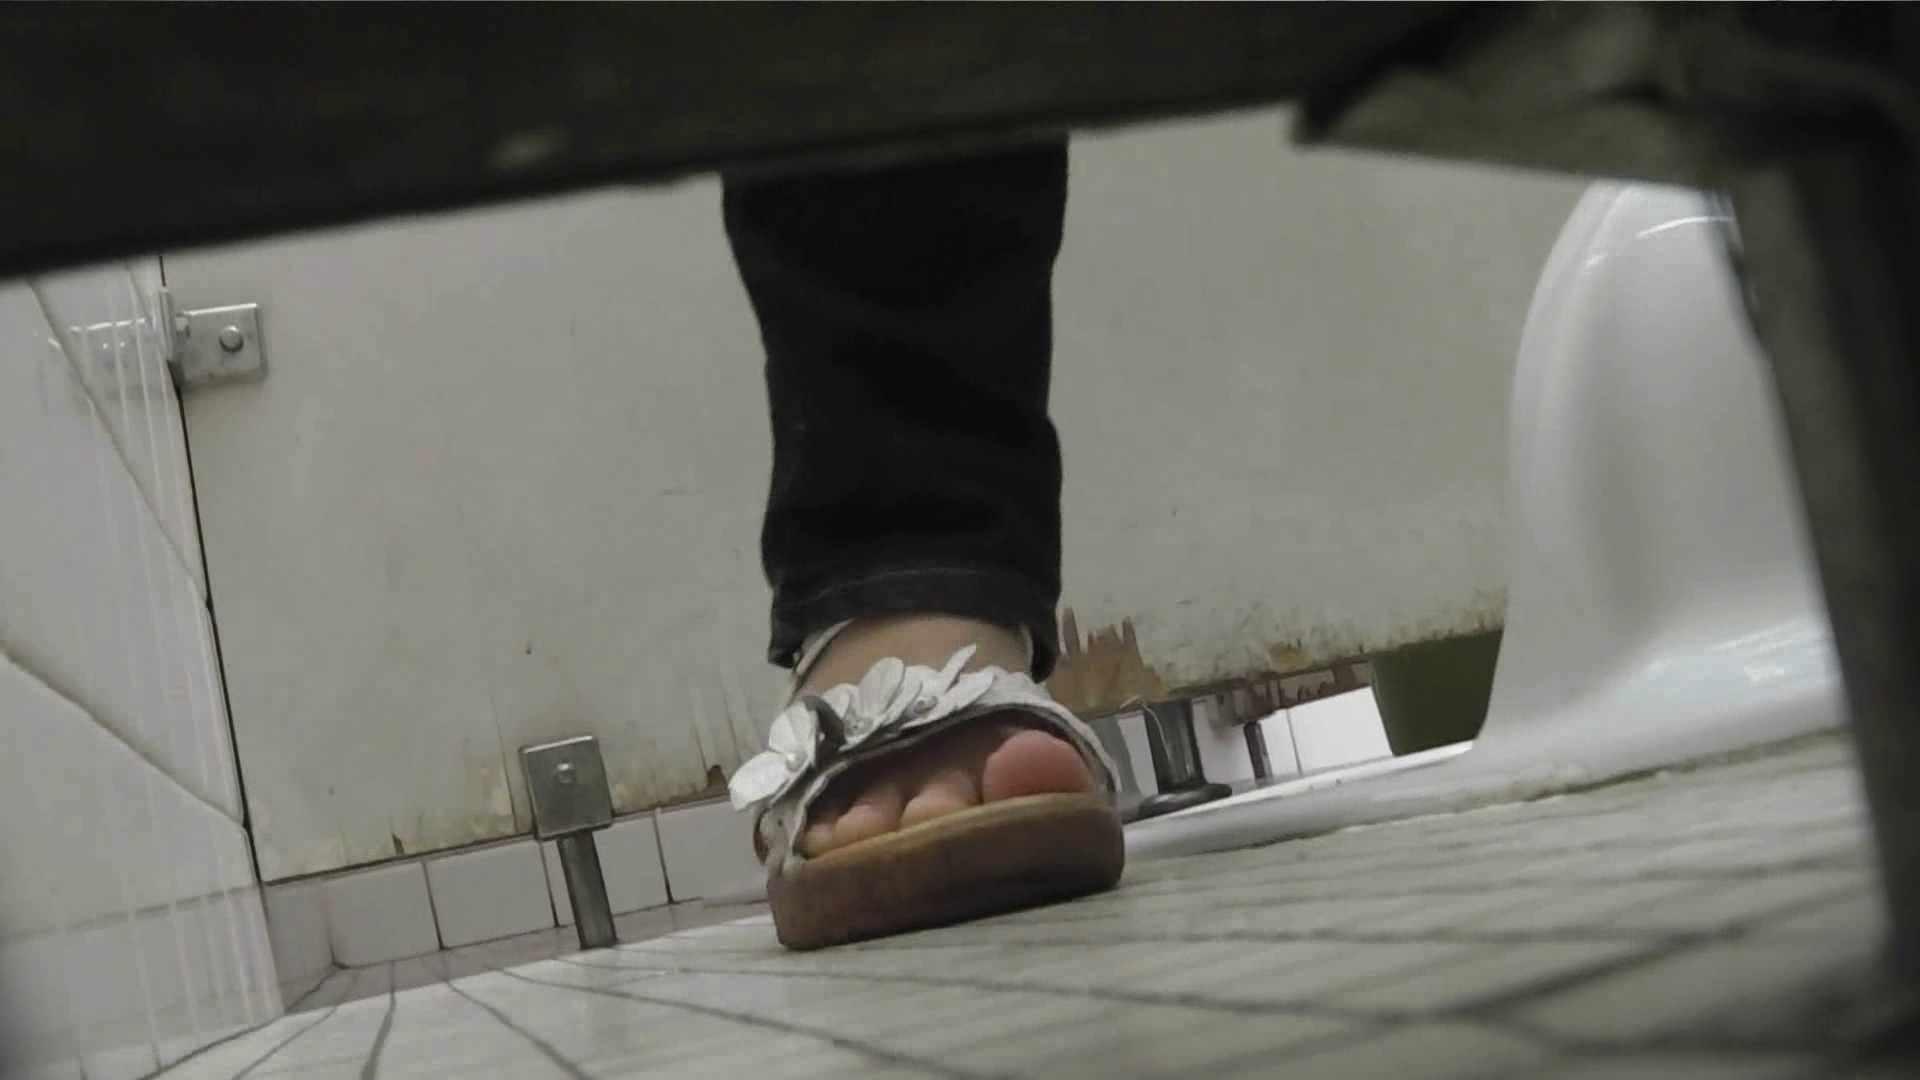 【美しき個室な世界】 vol.025 メガネ属性ヾ(´∀`)ノ 洗面所 AV動画キャプチャ 94pic 77